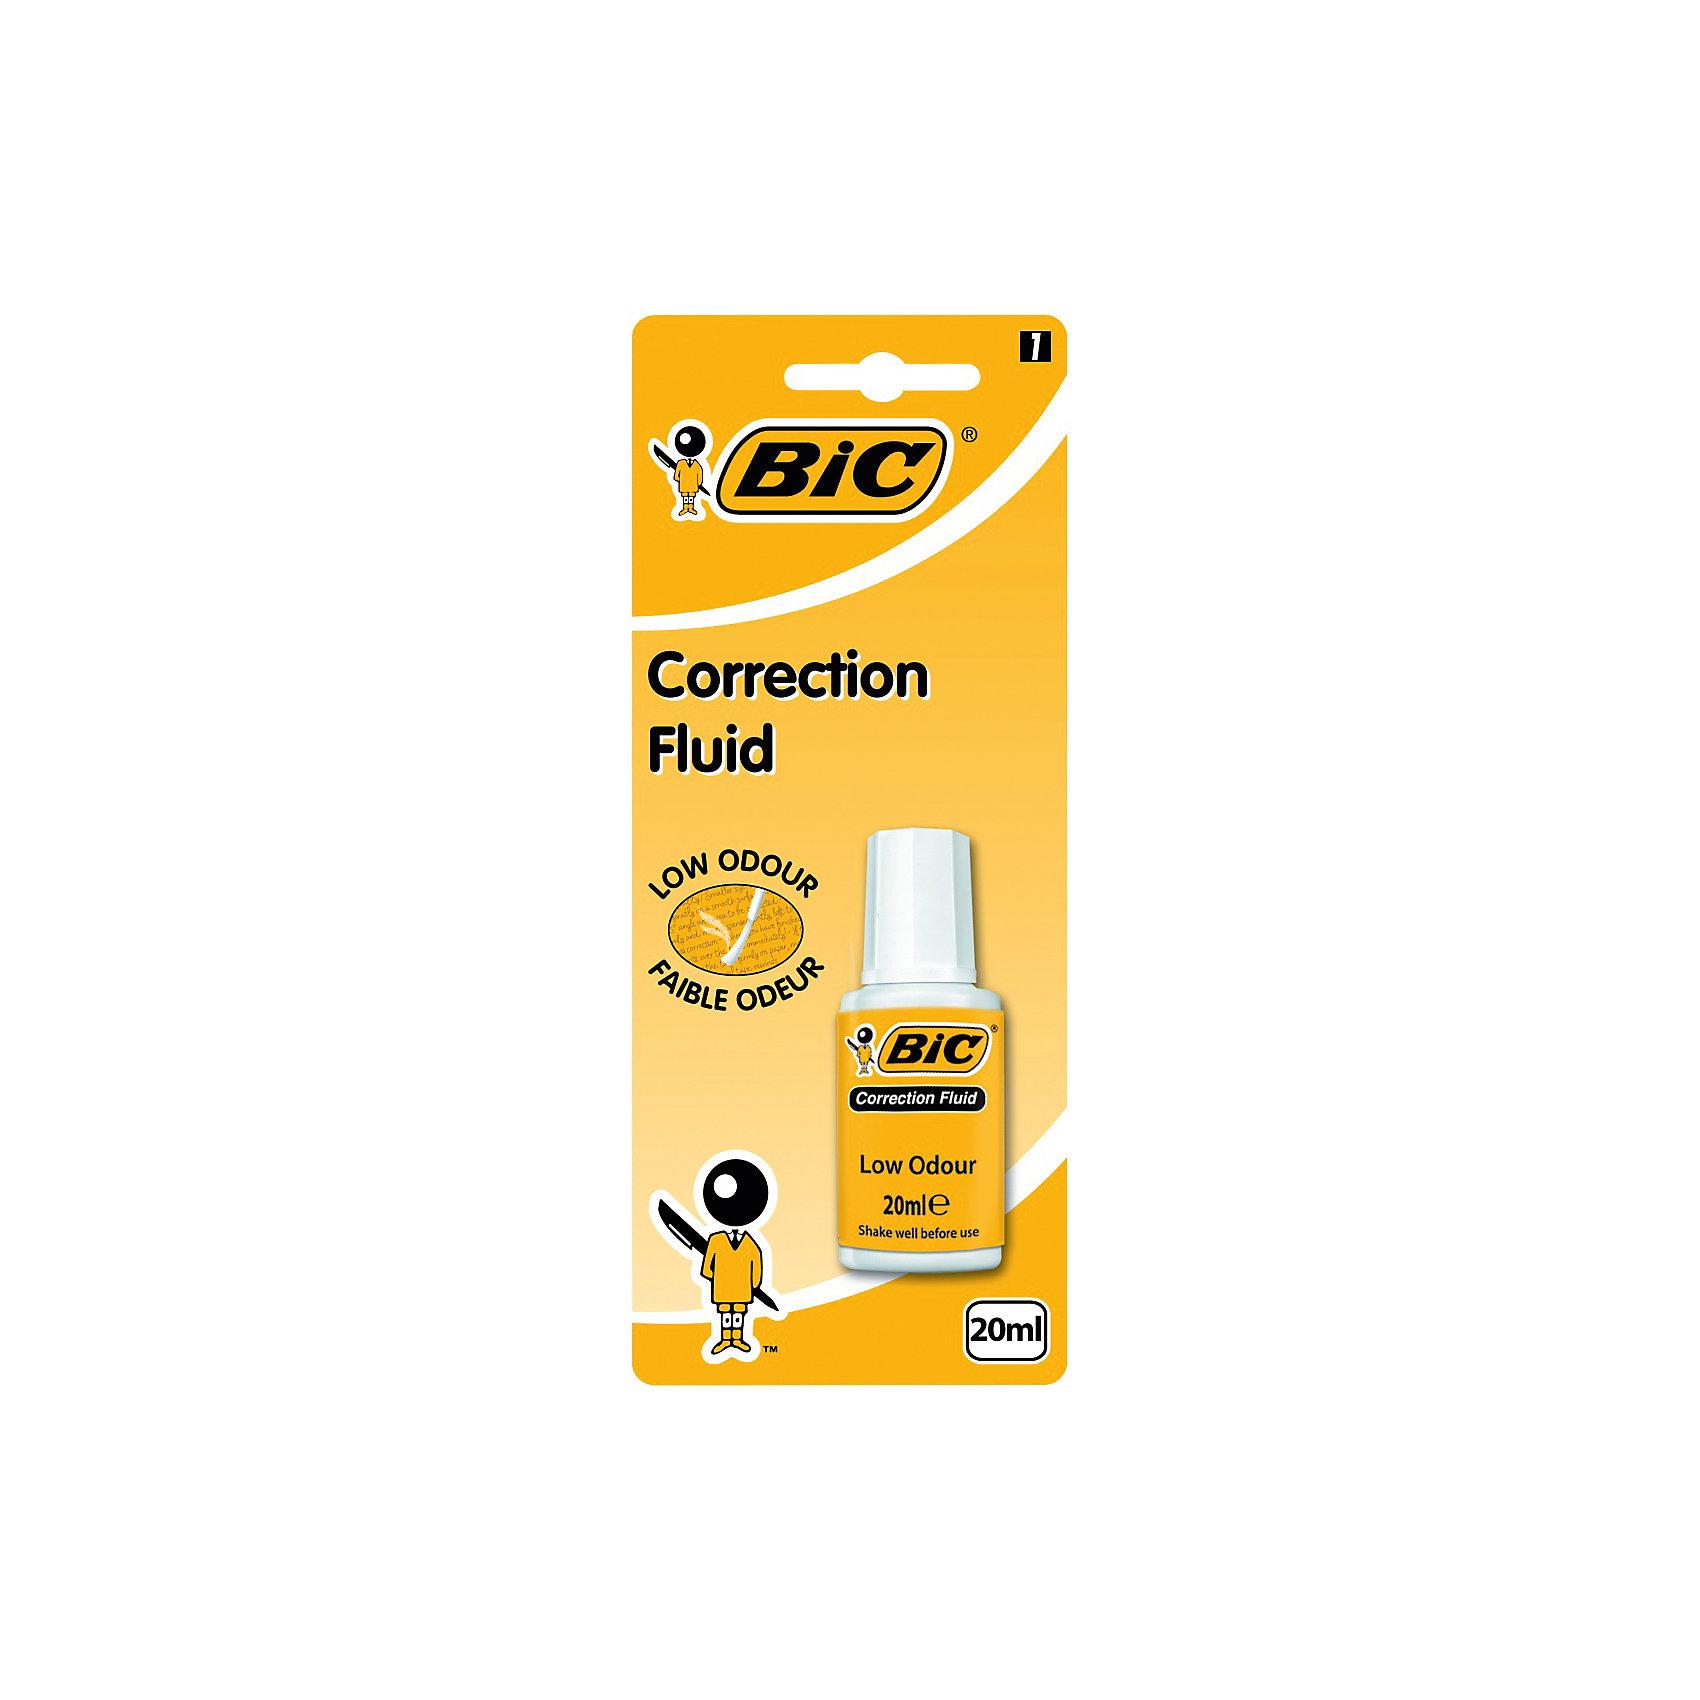 Корректирующая жидкость Bic, 20 млШкольные аксессуары<br>Характеристики:<br><br>• возраст: от 5 лет<br>• объем: 20 мл.<br>• упаковка: блистер<br><br>Корректирующая жидкость на водной основе BIC. Без резкого запаха. Корректура с удобной кисточкой-аппликатором. Очень легко и удобно корректировать надписи на любых видах бумаги. Быстро сохнет и позволяет моментально наносить новые надписи. Незаменимый помощник в офисе, дома и школе.<br><br>BIC Корректирующую жидкость 20 мл, блистер можно купить в нашем интернет-магазине.<br><br>Ширина мм: 29<br>Глубина мм: 80<br>Высота мм: 197<br>Вес г: 59<br>Возраст от месяцев: 60<br>Возраст до месяцев: 2147483647<br>Пол: Унисекс<br>Возраст: Детский<br>SKU: 7065340